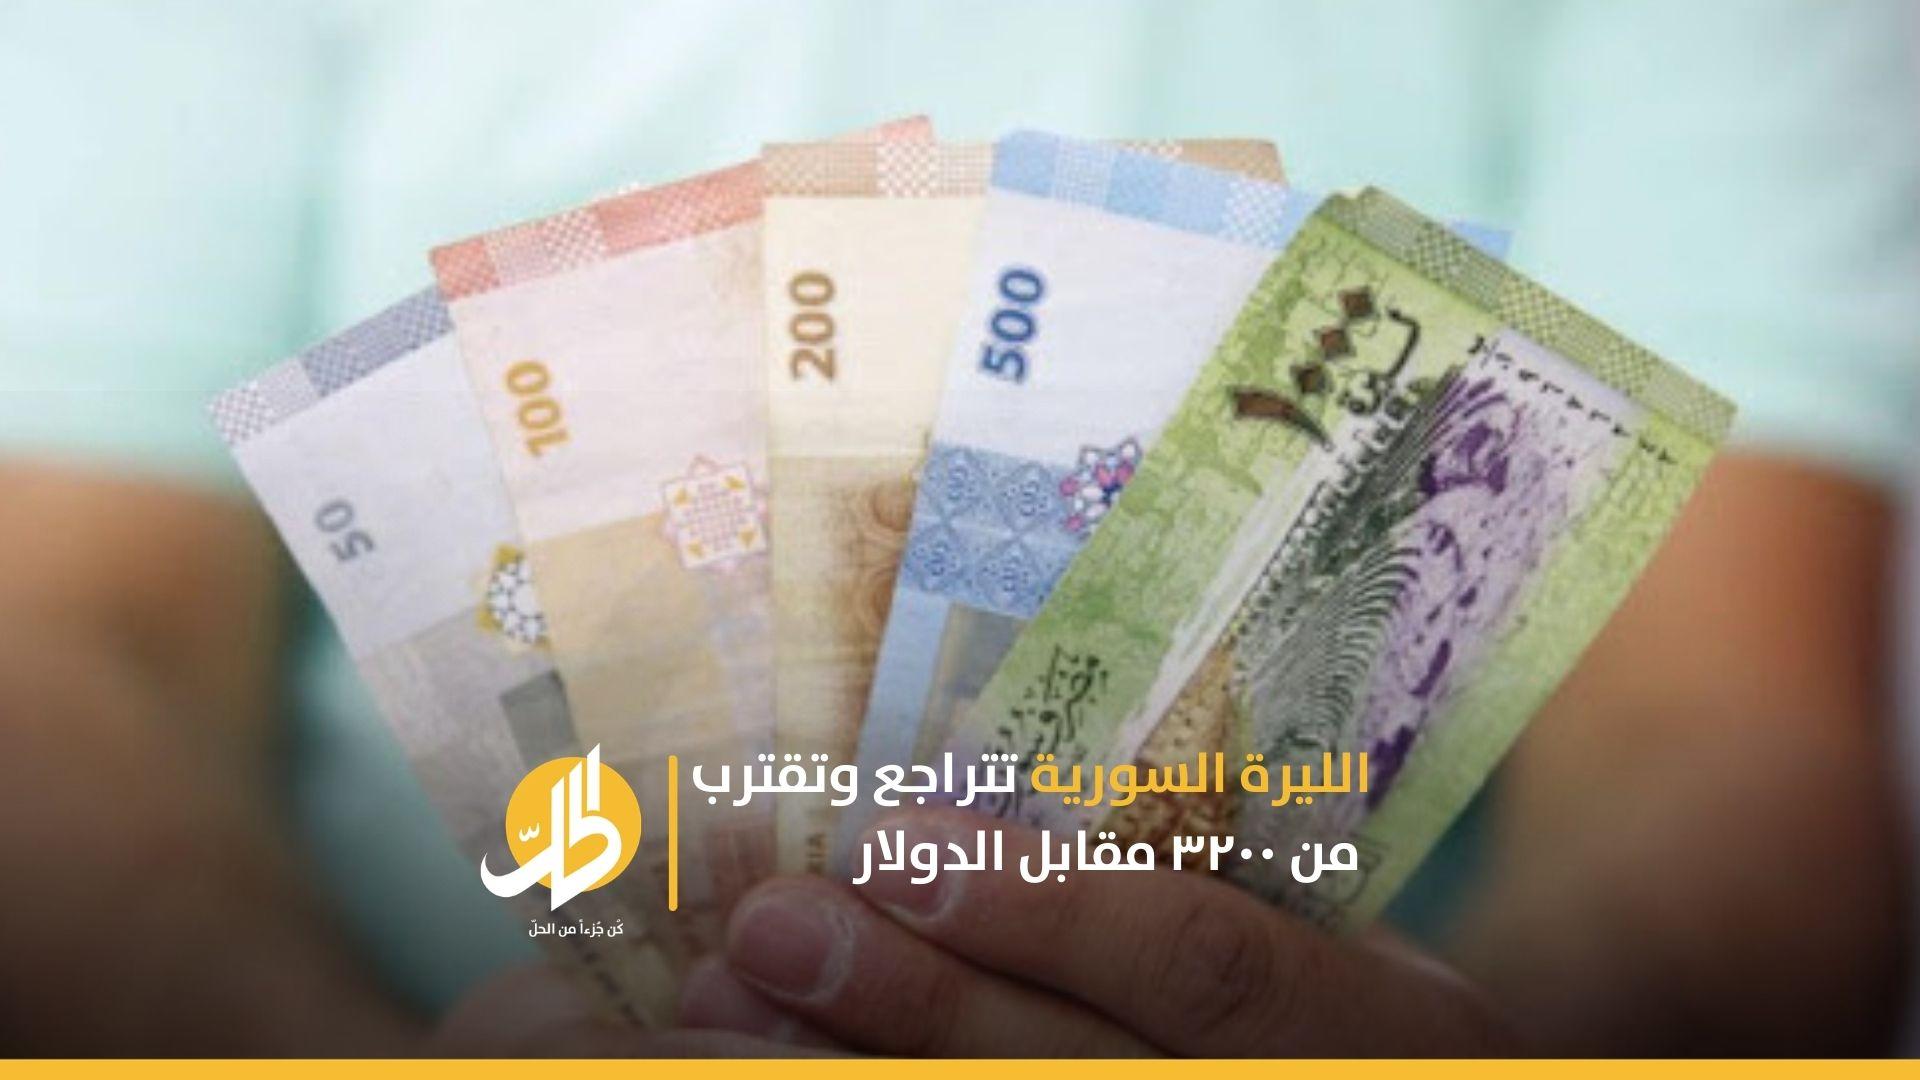 الليرة السورية تتراجع وتقترب من 3200 مقابل الدولار